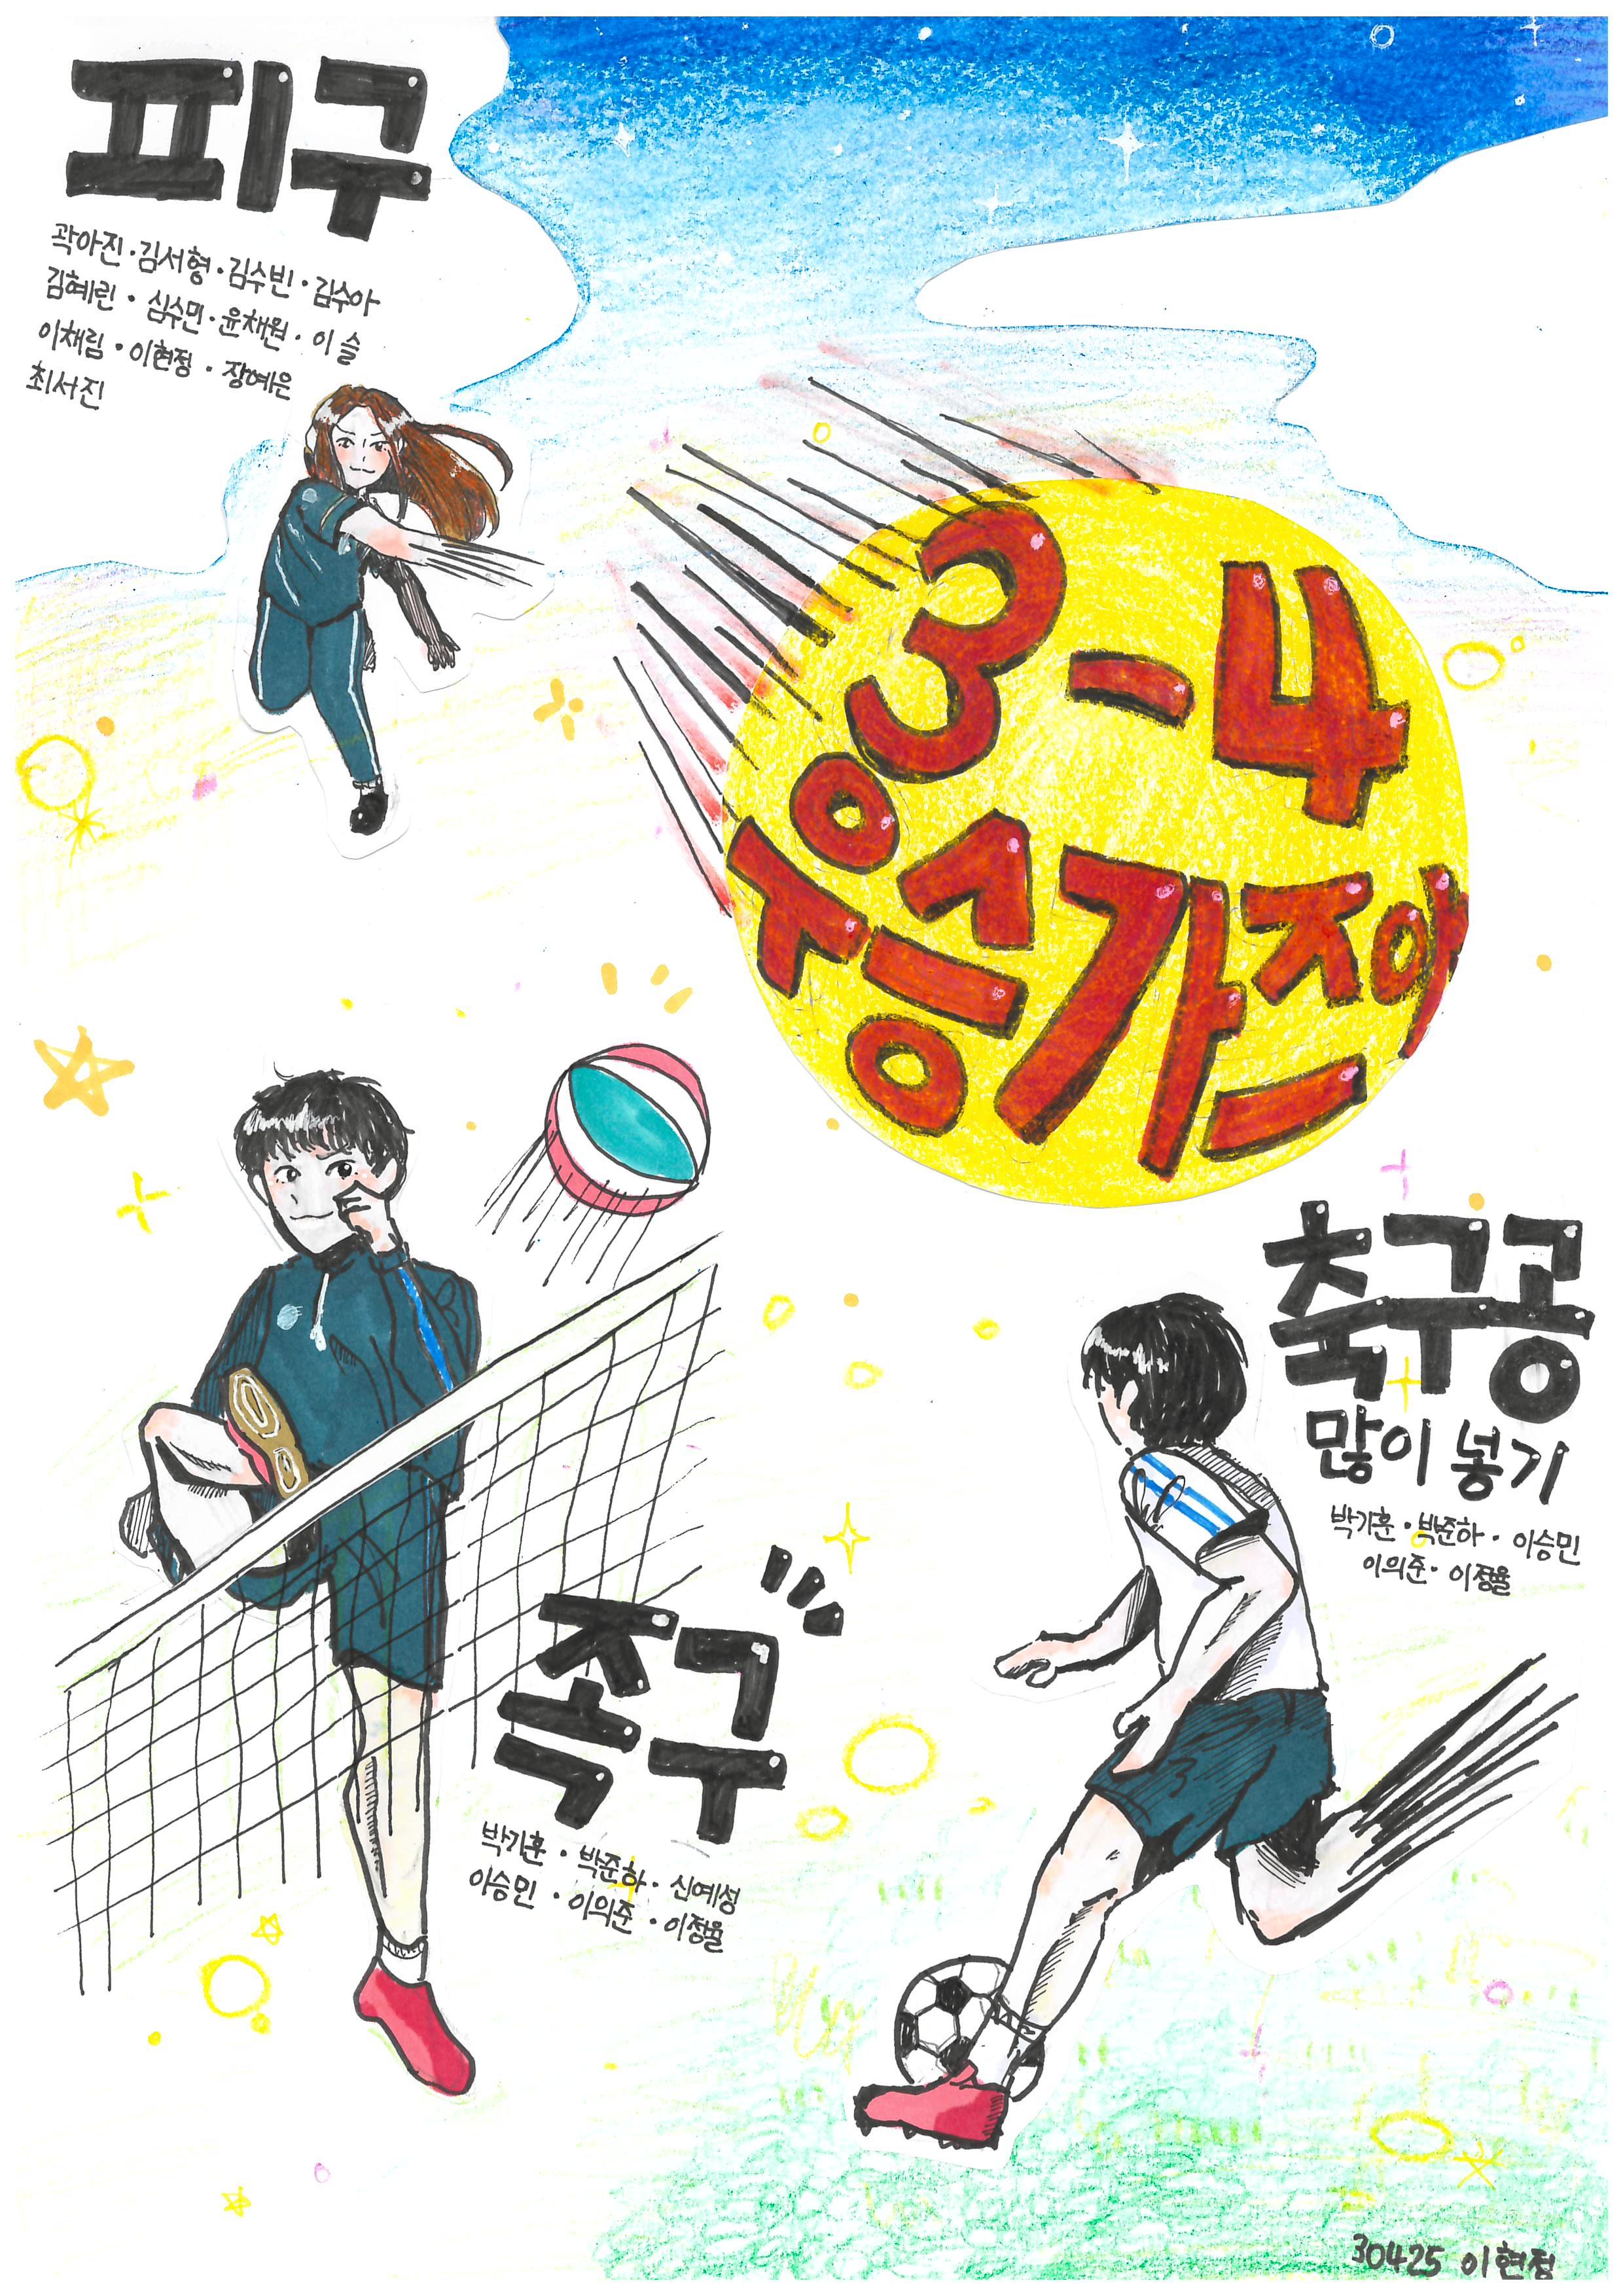 [일반] 3학년 학교스포츠클럽의 날의 첨부이미지 4